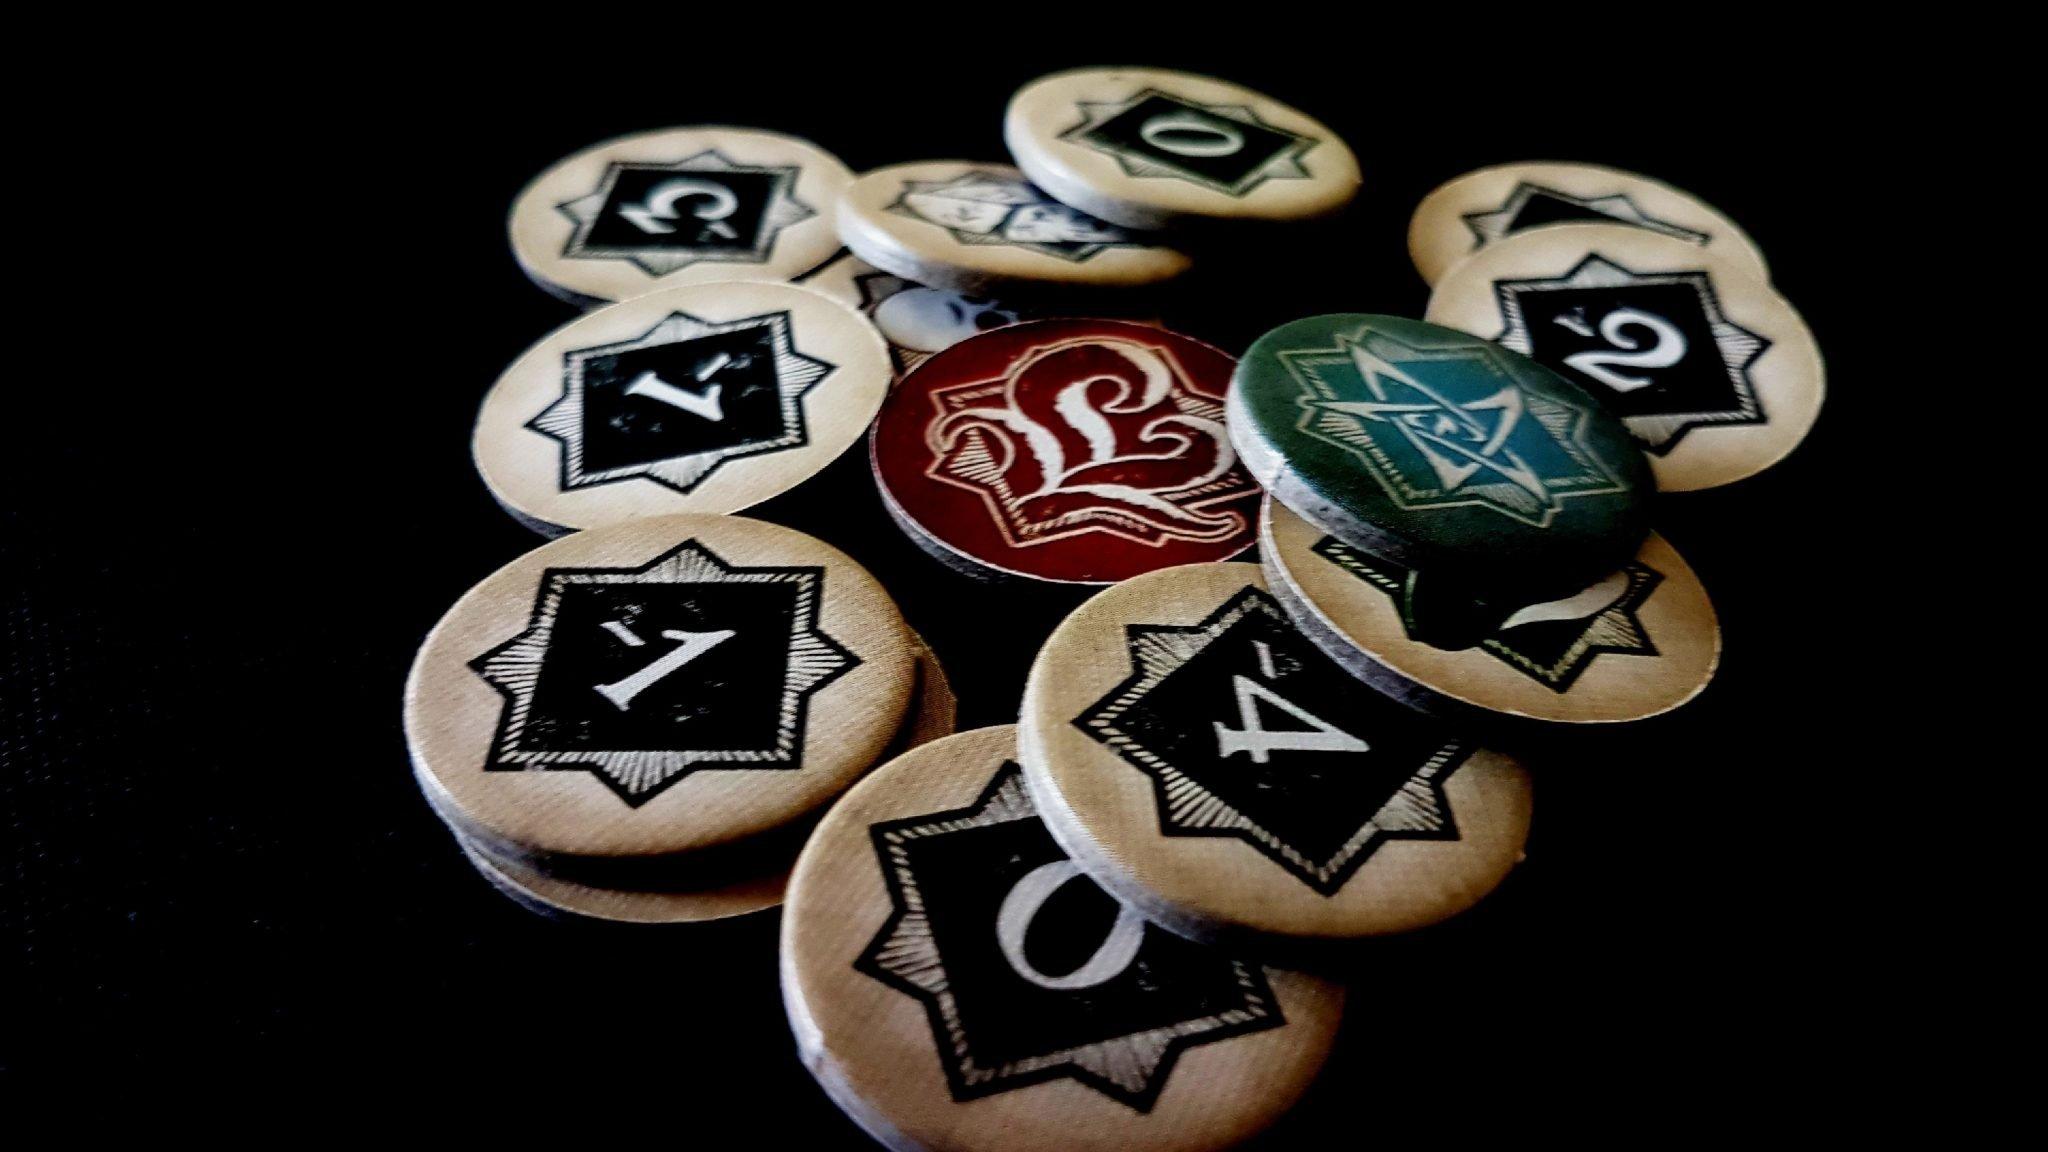 Arkham Horror tokens